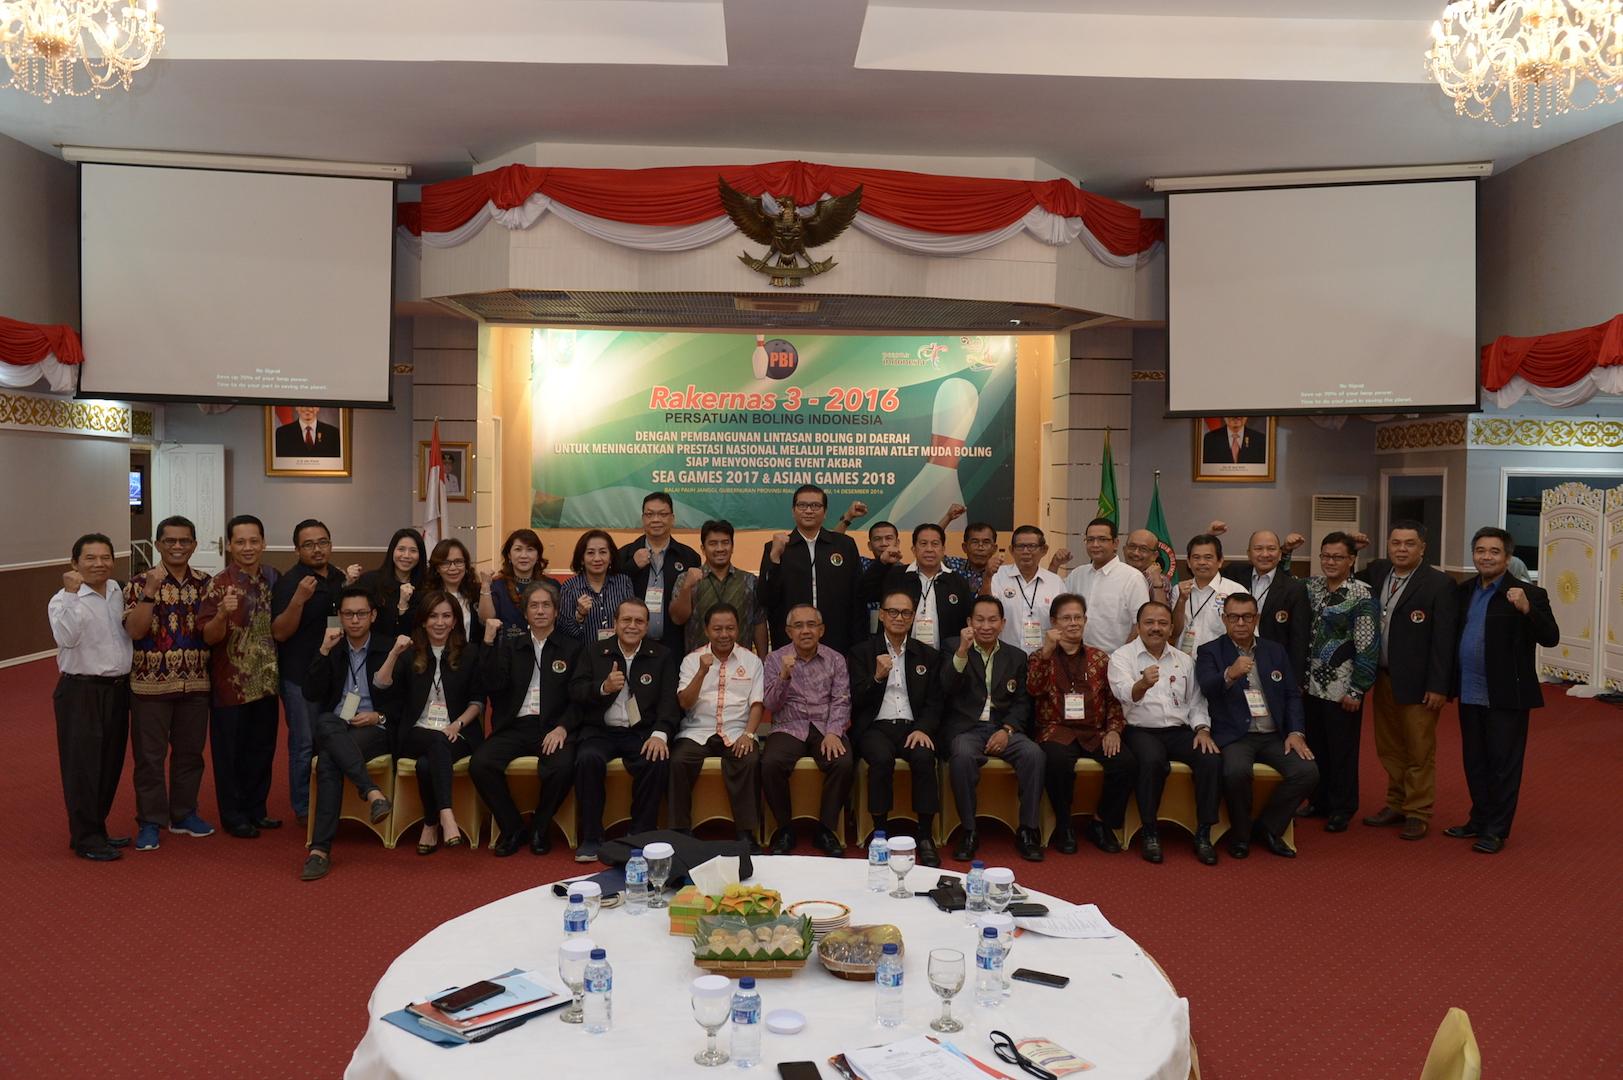 Permalink ke Rakernas 3 – 2016 Persatuan Bowling Indonesia